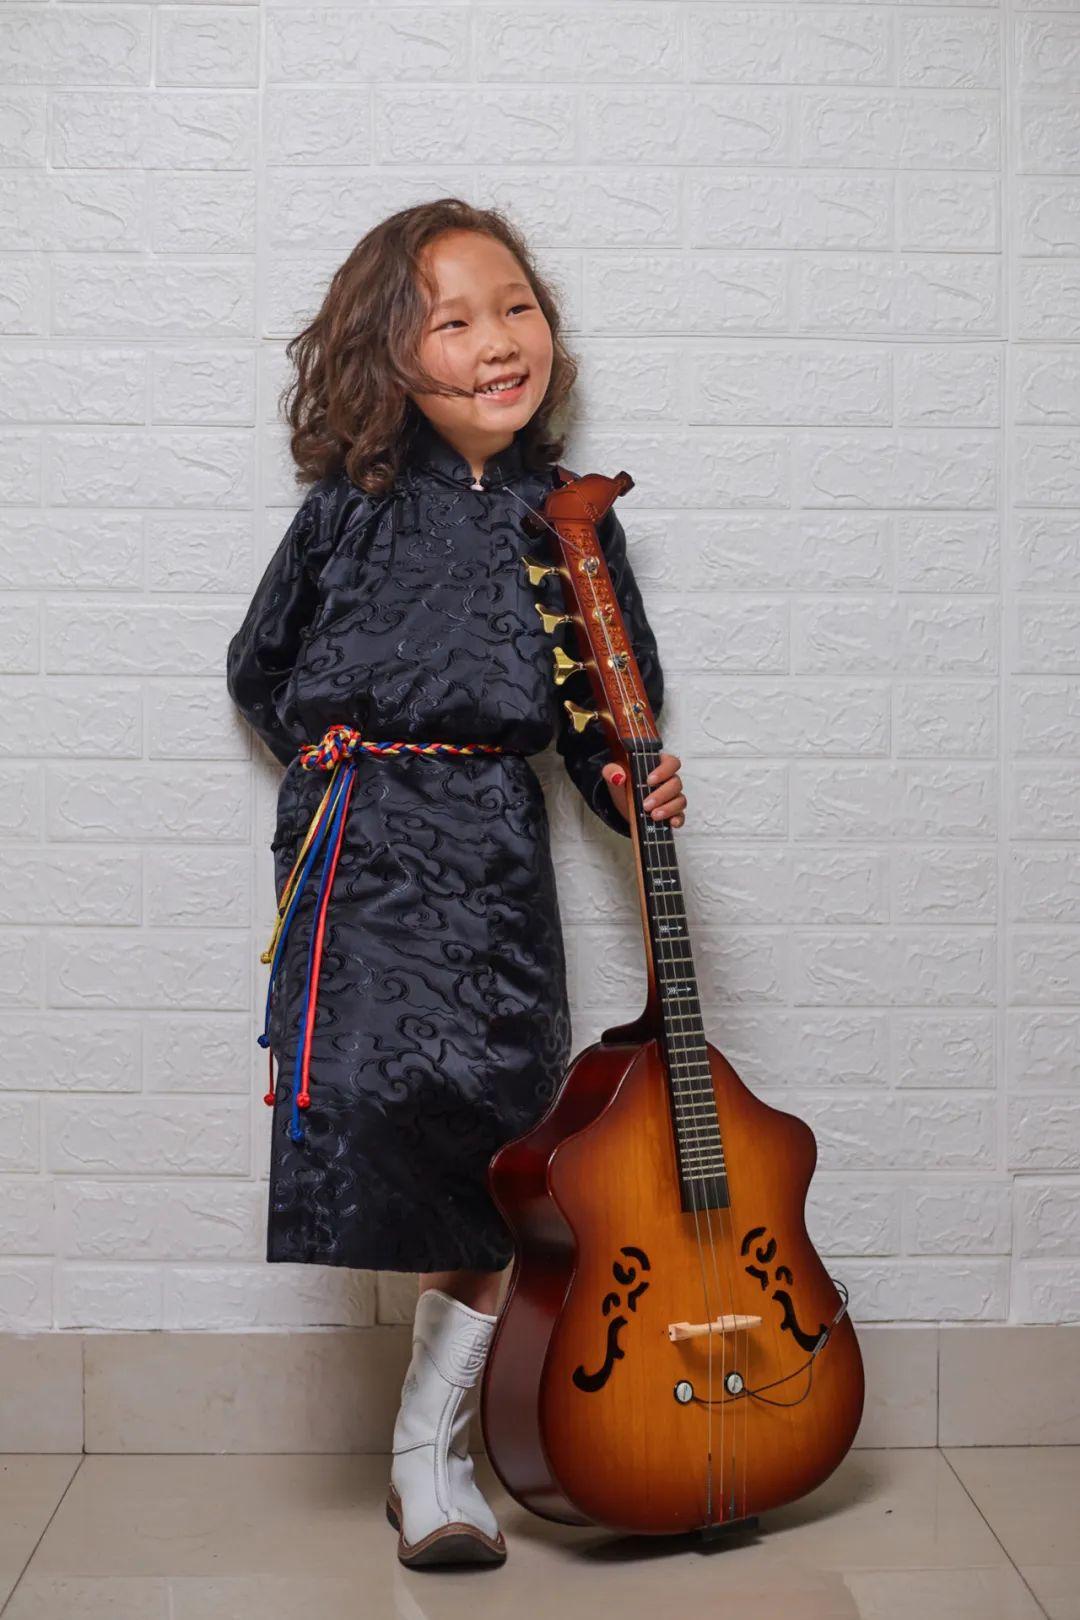 6岁小朋友演唱《永恒的火布斯》,向大家介绍最古老的蒙古族第一弹拨乐器火布斯 第4张